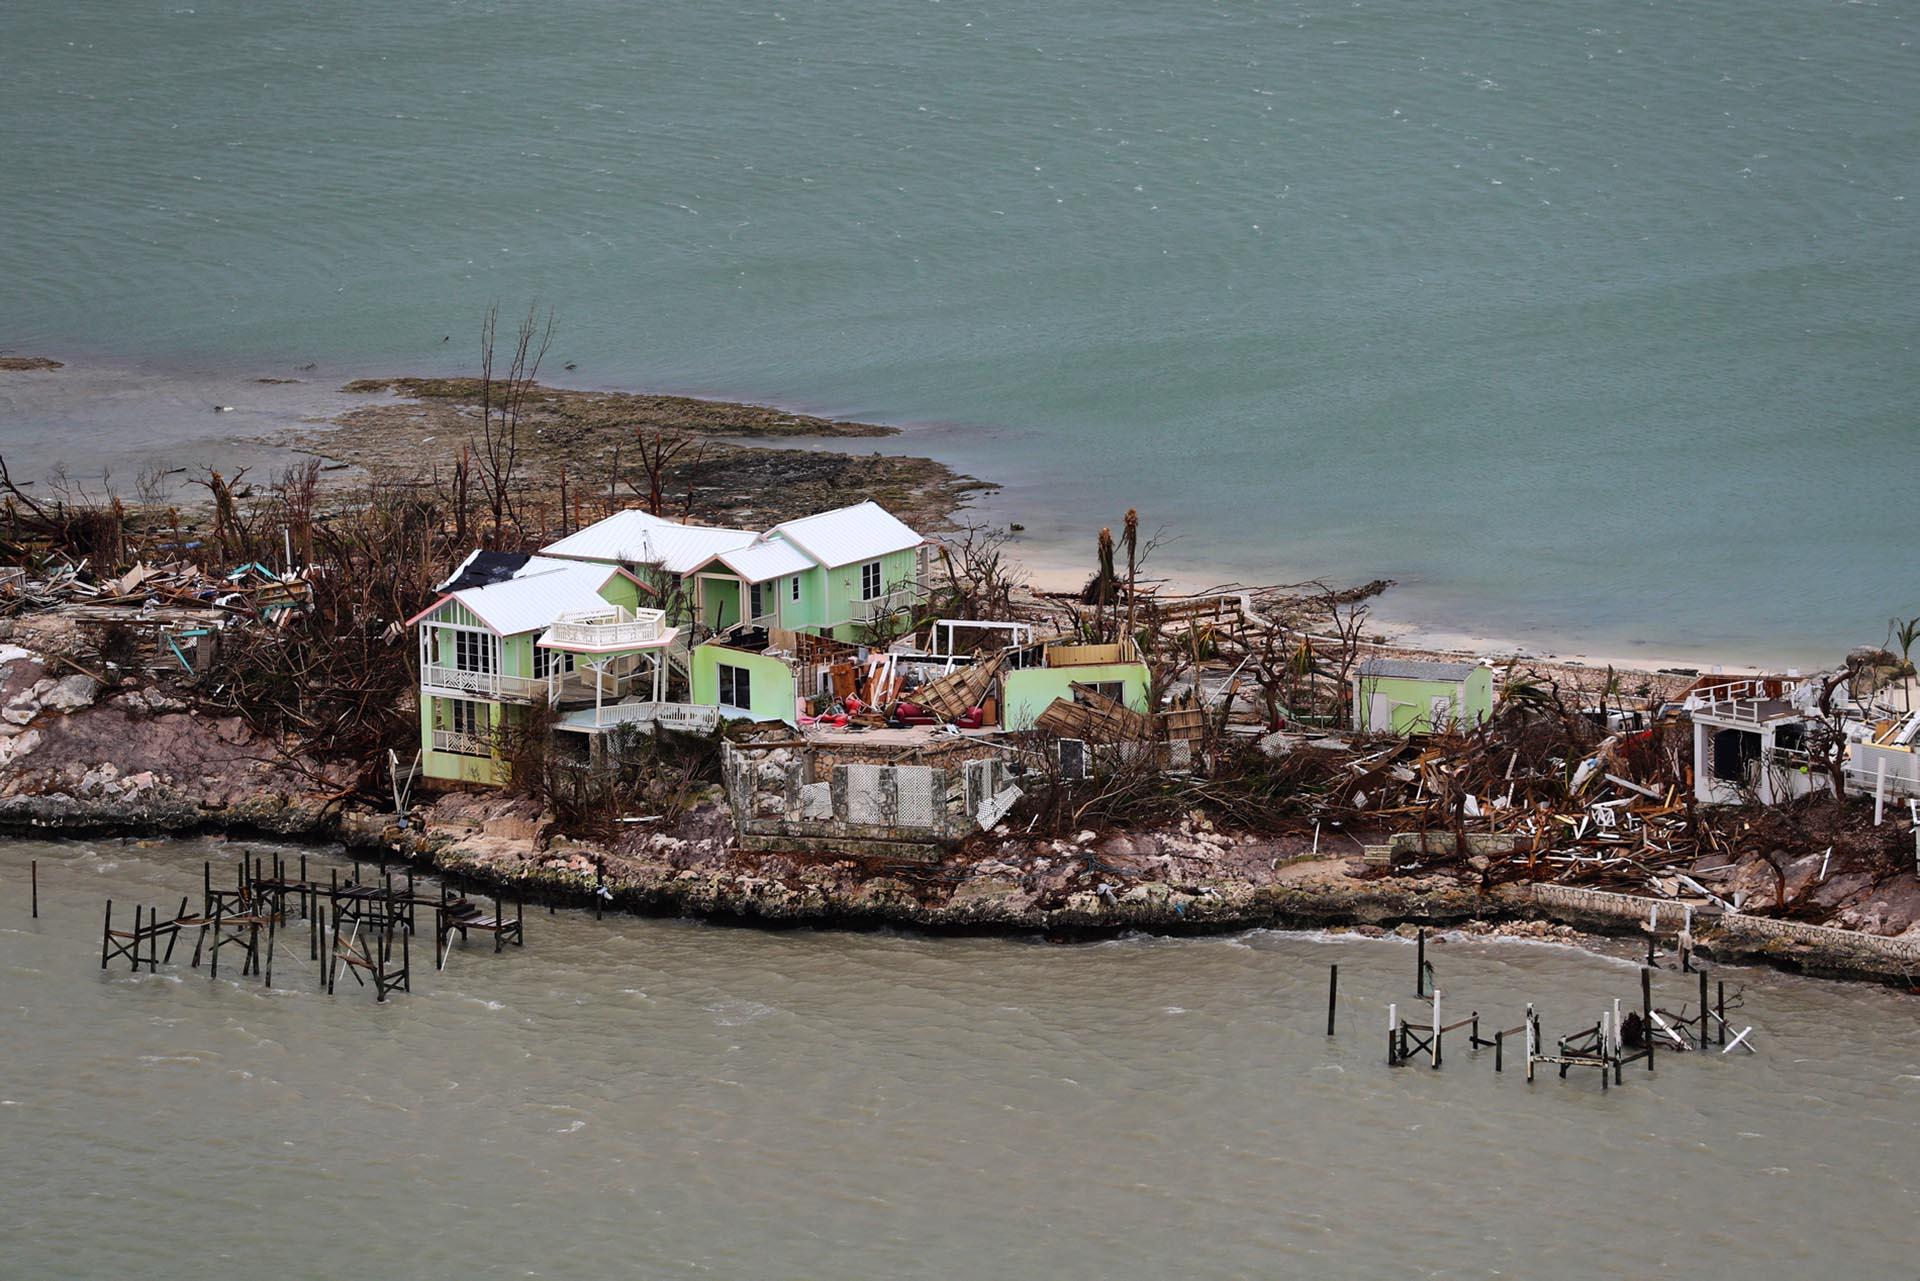 Los equipos de las Bahamas, Estados Unidos y Gran Bretaña intensificaron los esfuerzos de rescate el miércoles para los sobrevivientes del huracán Dorian, que causó una devastación generalizada mientras azotaba el archipiélago atlántico